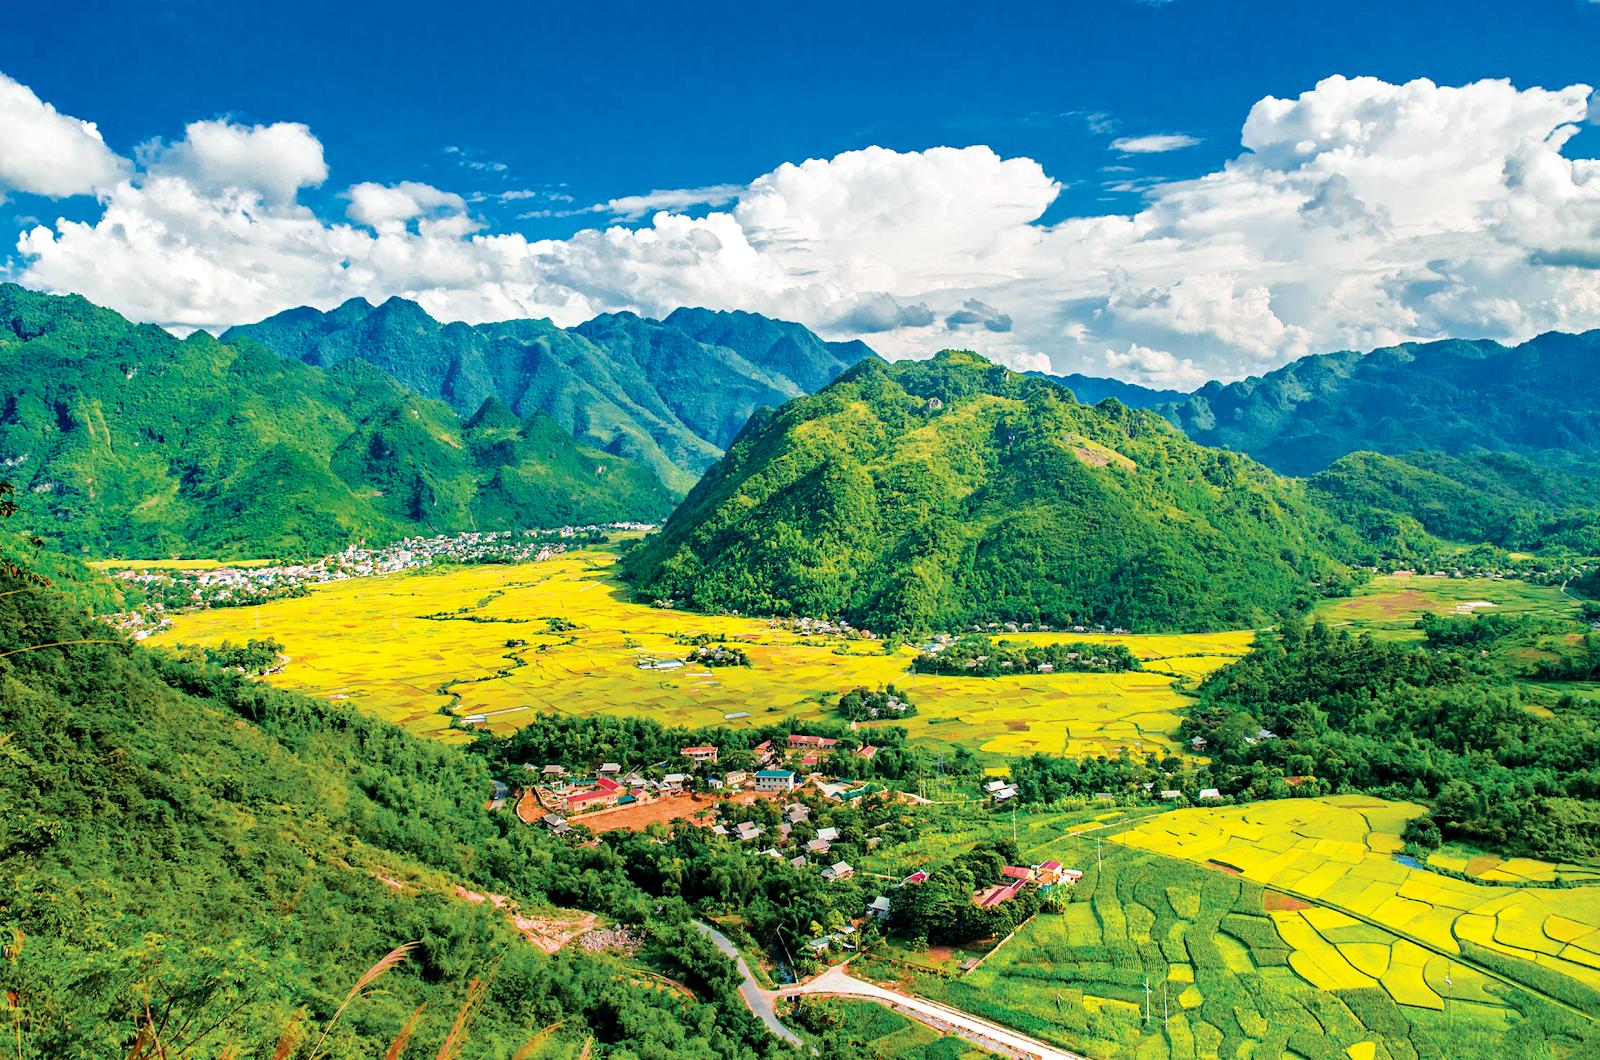 D:\Ảnh Chuyên môn VH,TT & DL\ANH WEB\Mai Chau Valley - Hoa Bình - Viet Nam.tif